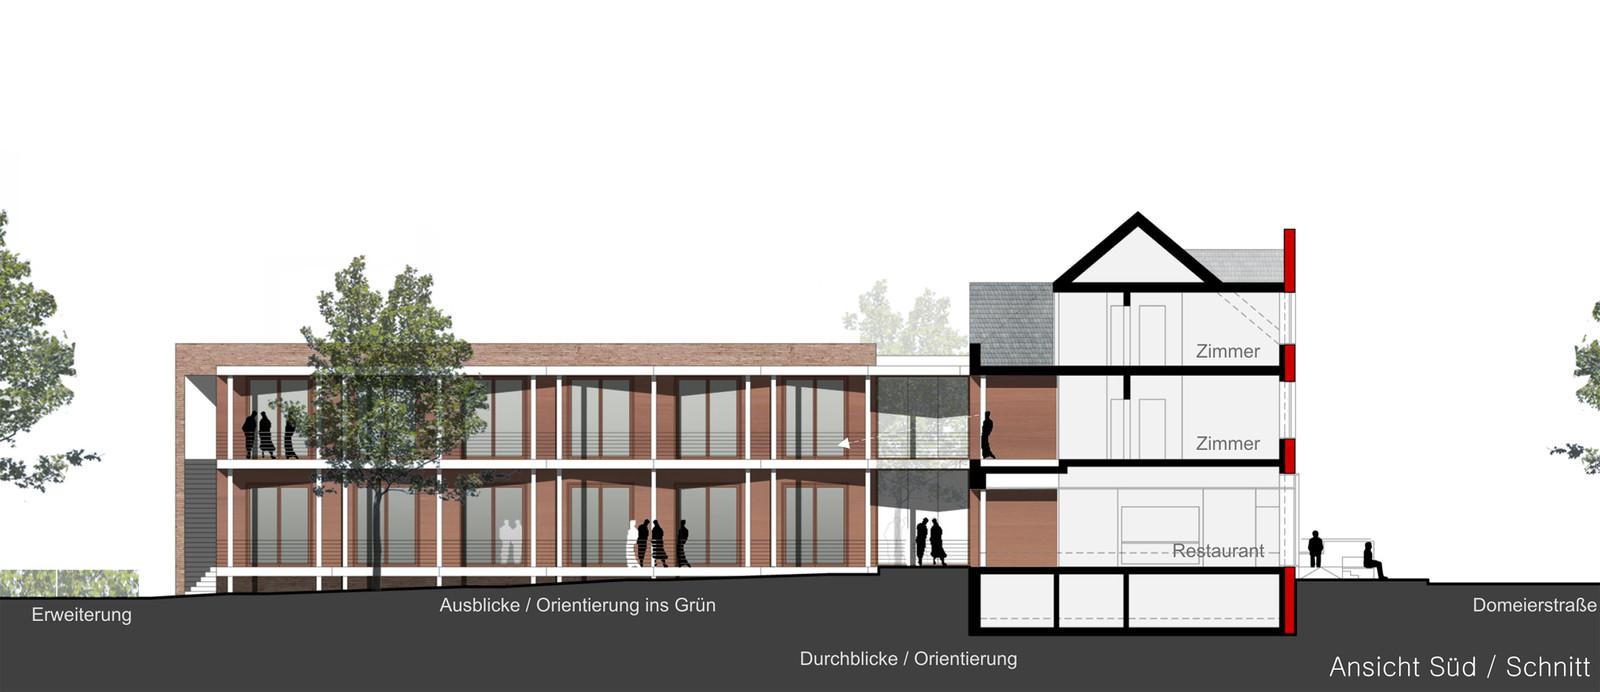 Dreibund architekten 268 pflegehotel hameln - Dreibund architekten ...